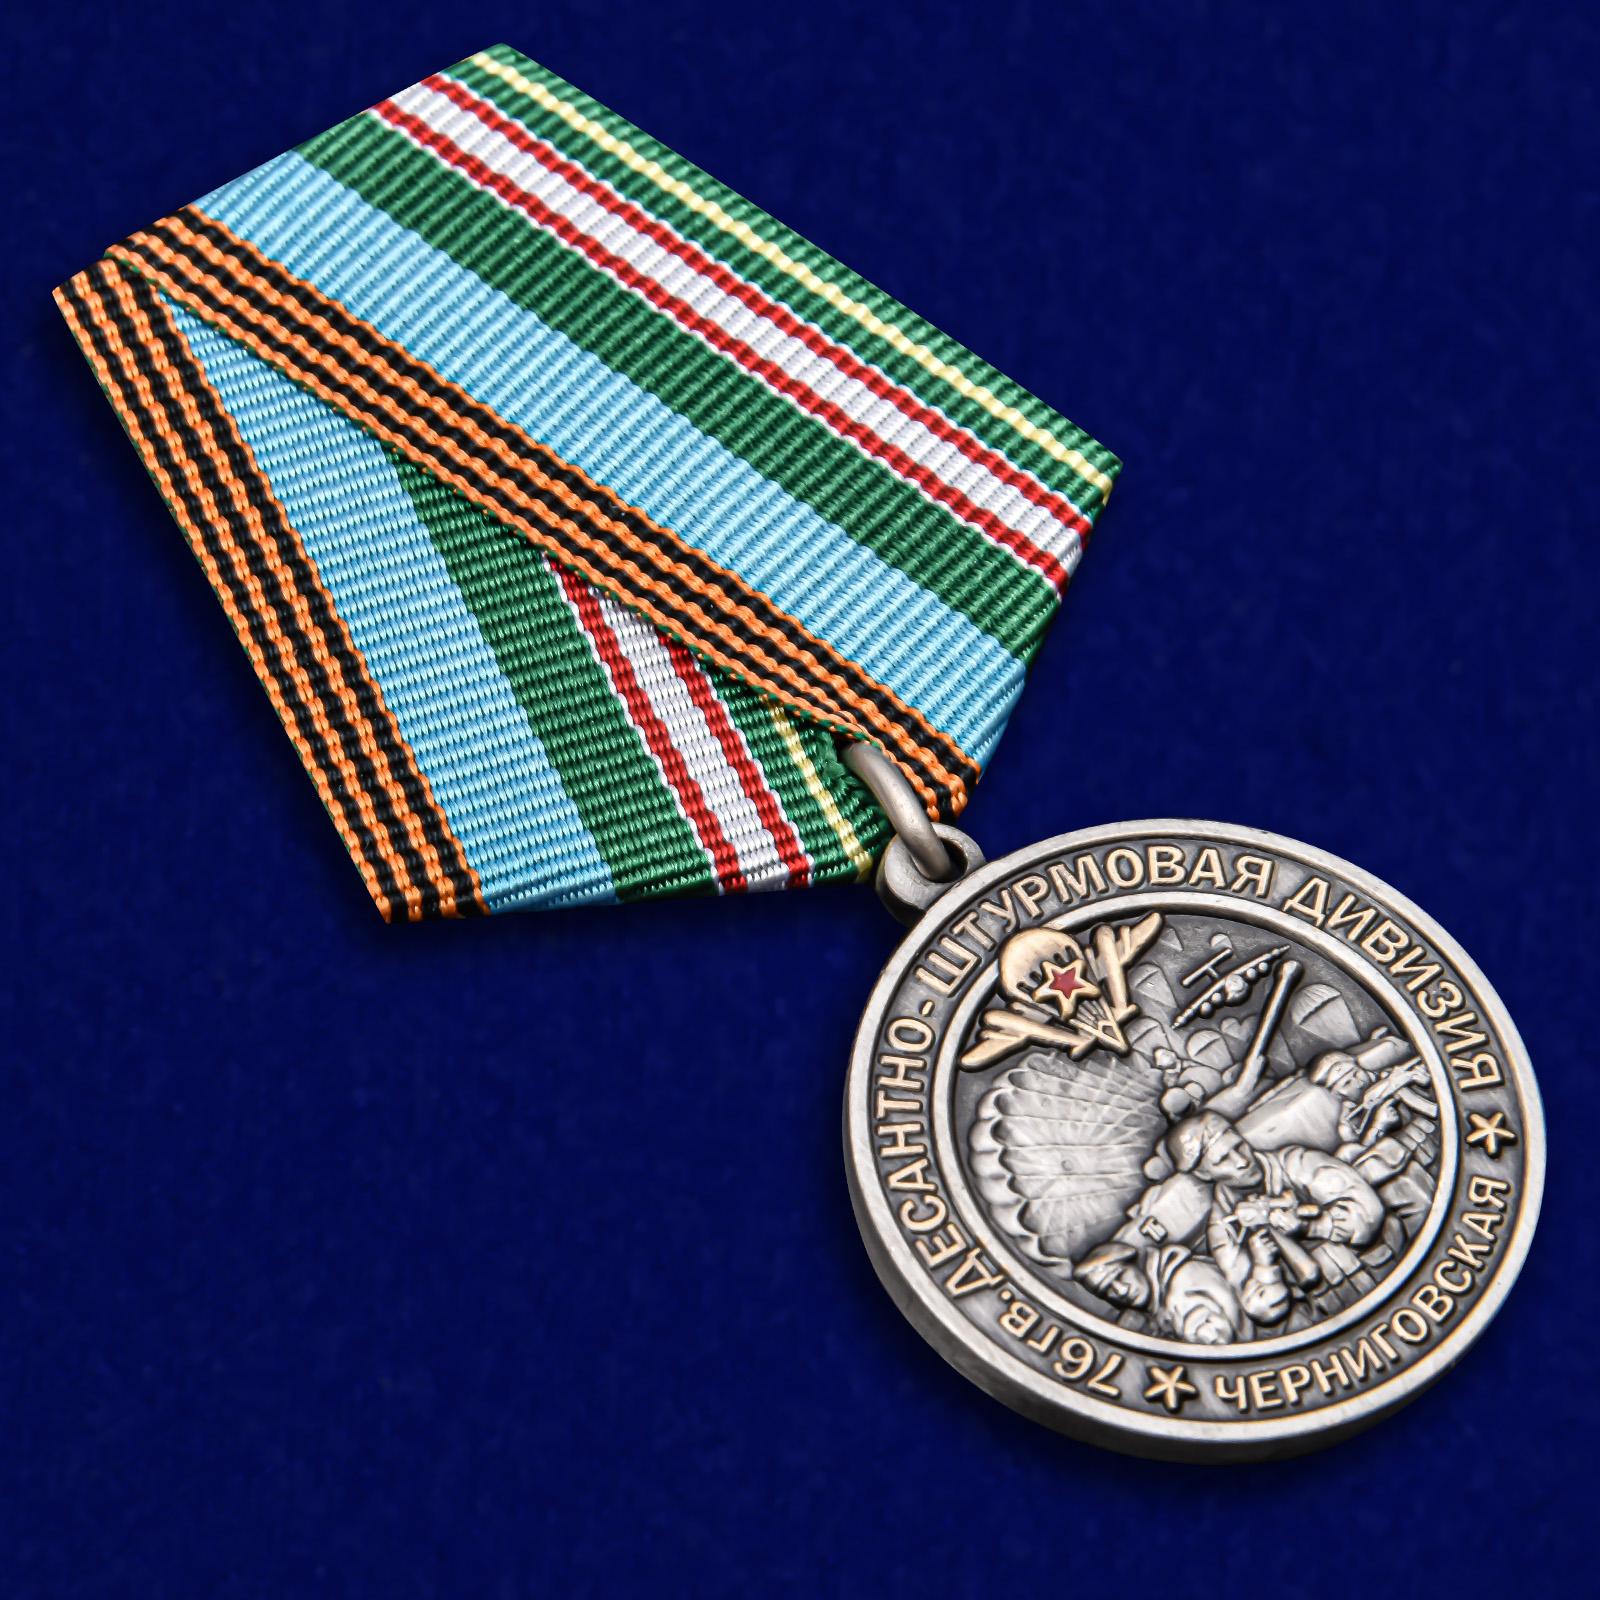 Памятная медаль 76-я гв. Десантно-штурмовая дивизия - общий вид